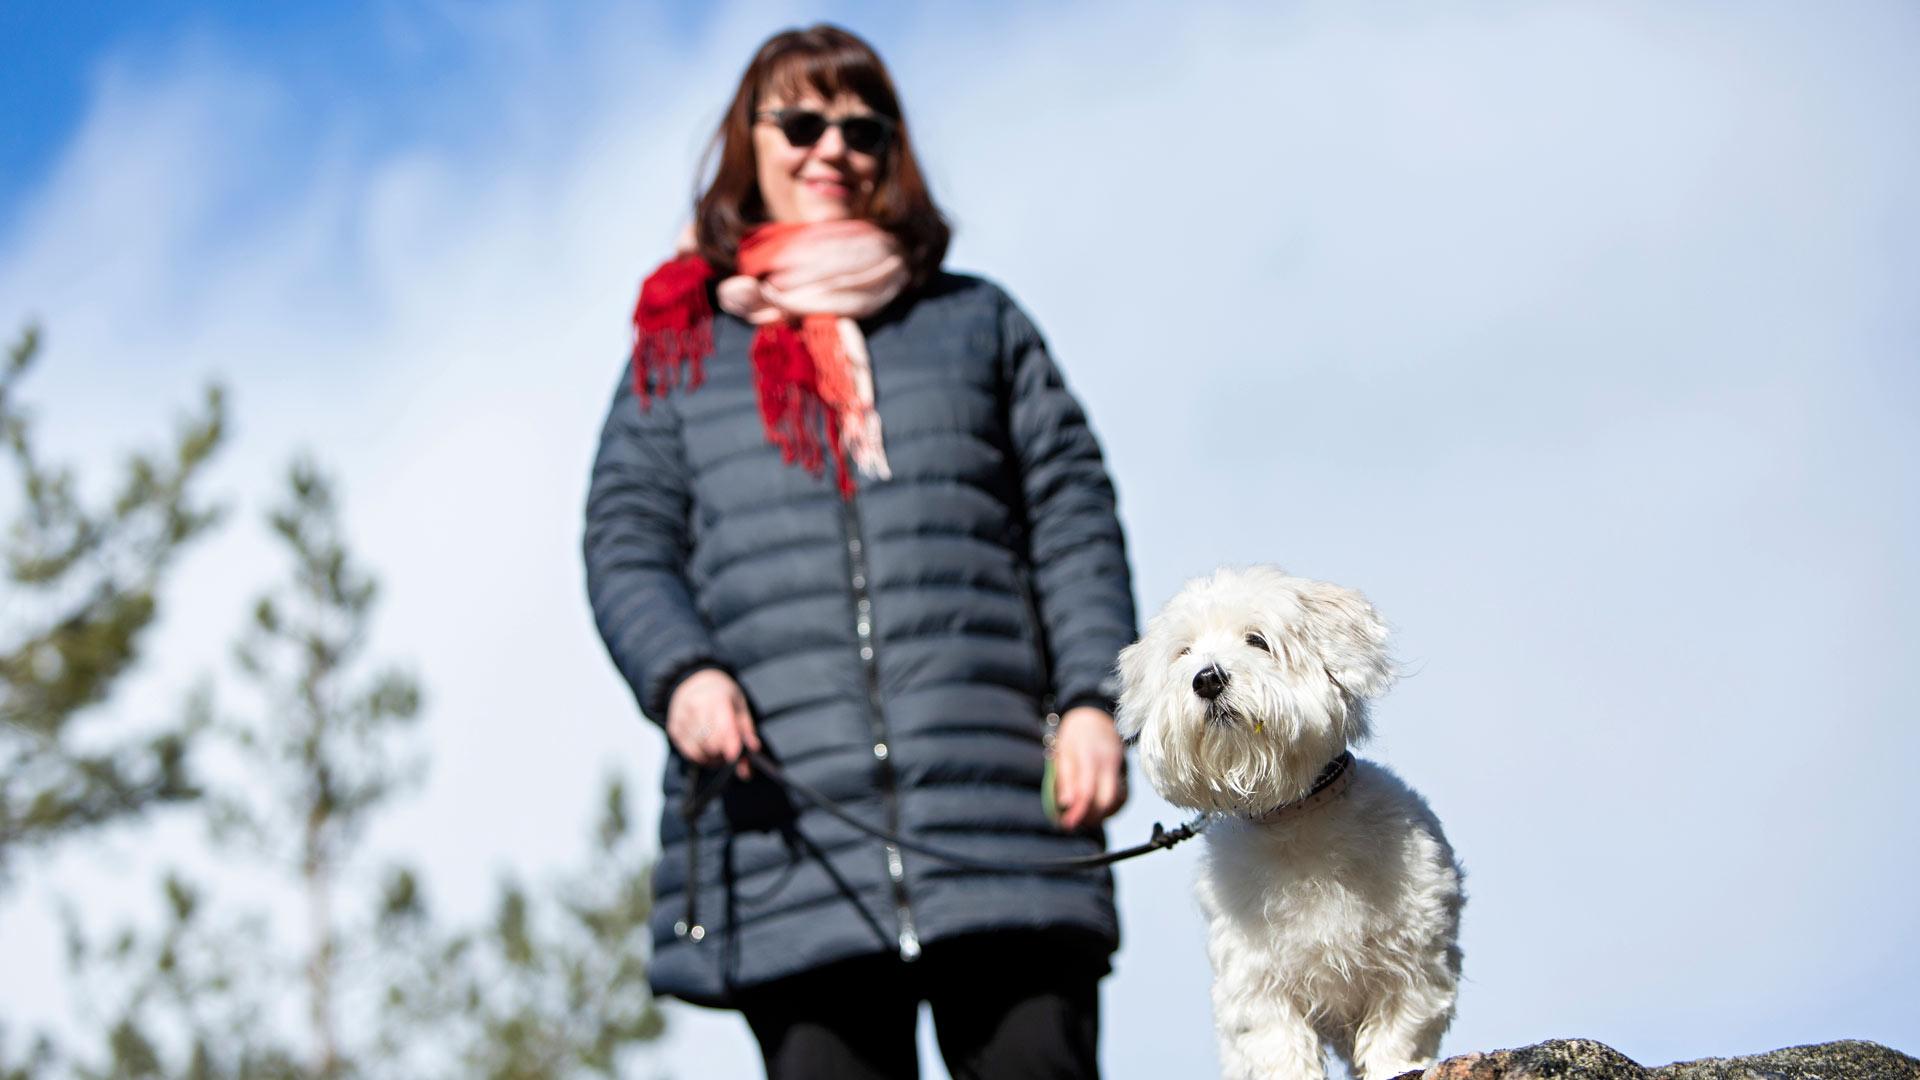 Tuulia Kotiaho sairastui koronaan, Sylvi-koira on jaksanut hoivata emäntäänsä uskollisesti.